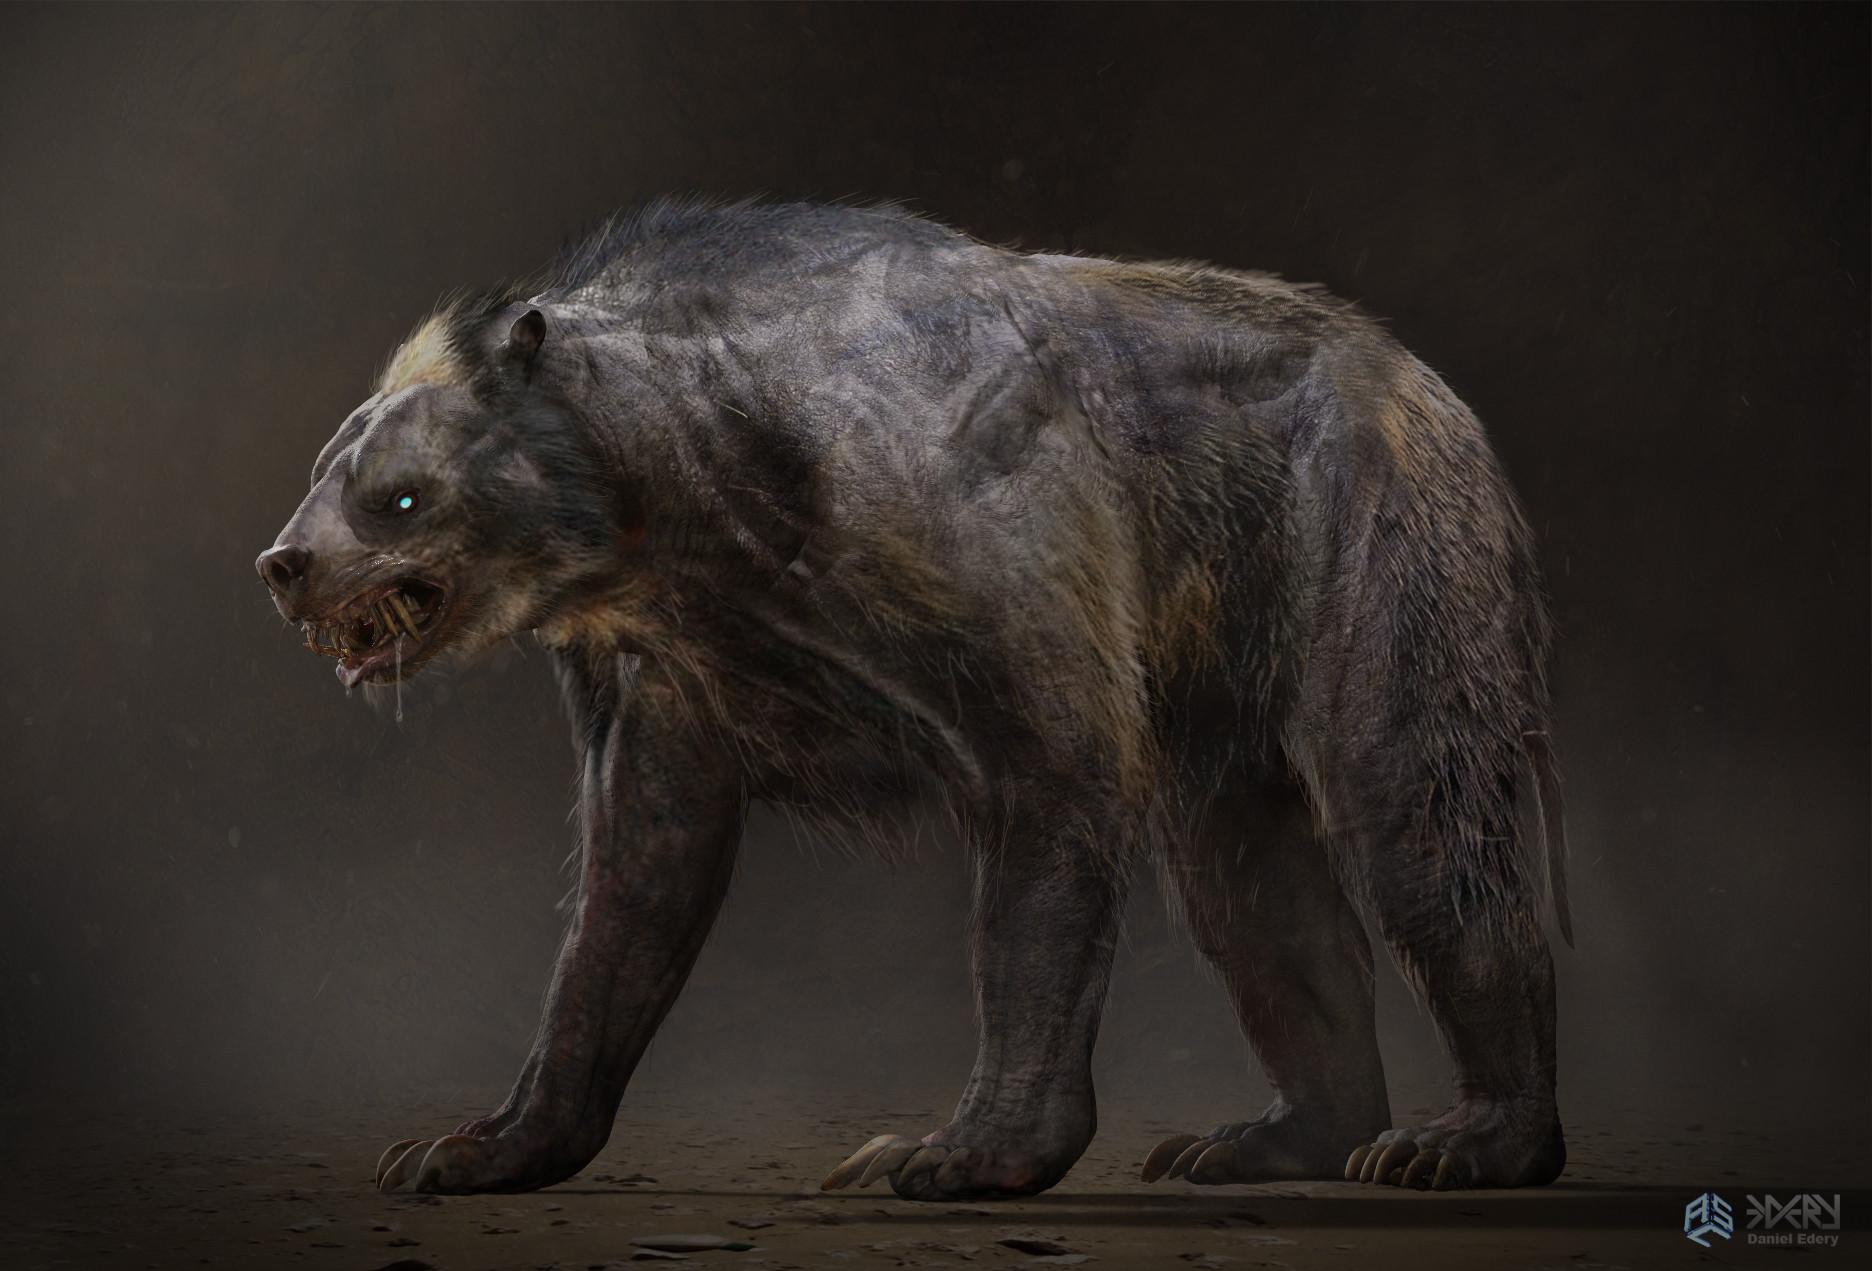 Daniel edery bear v02 001